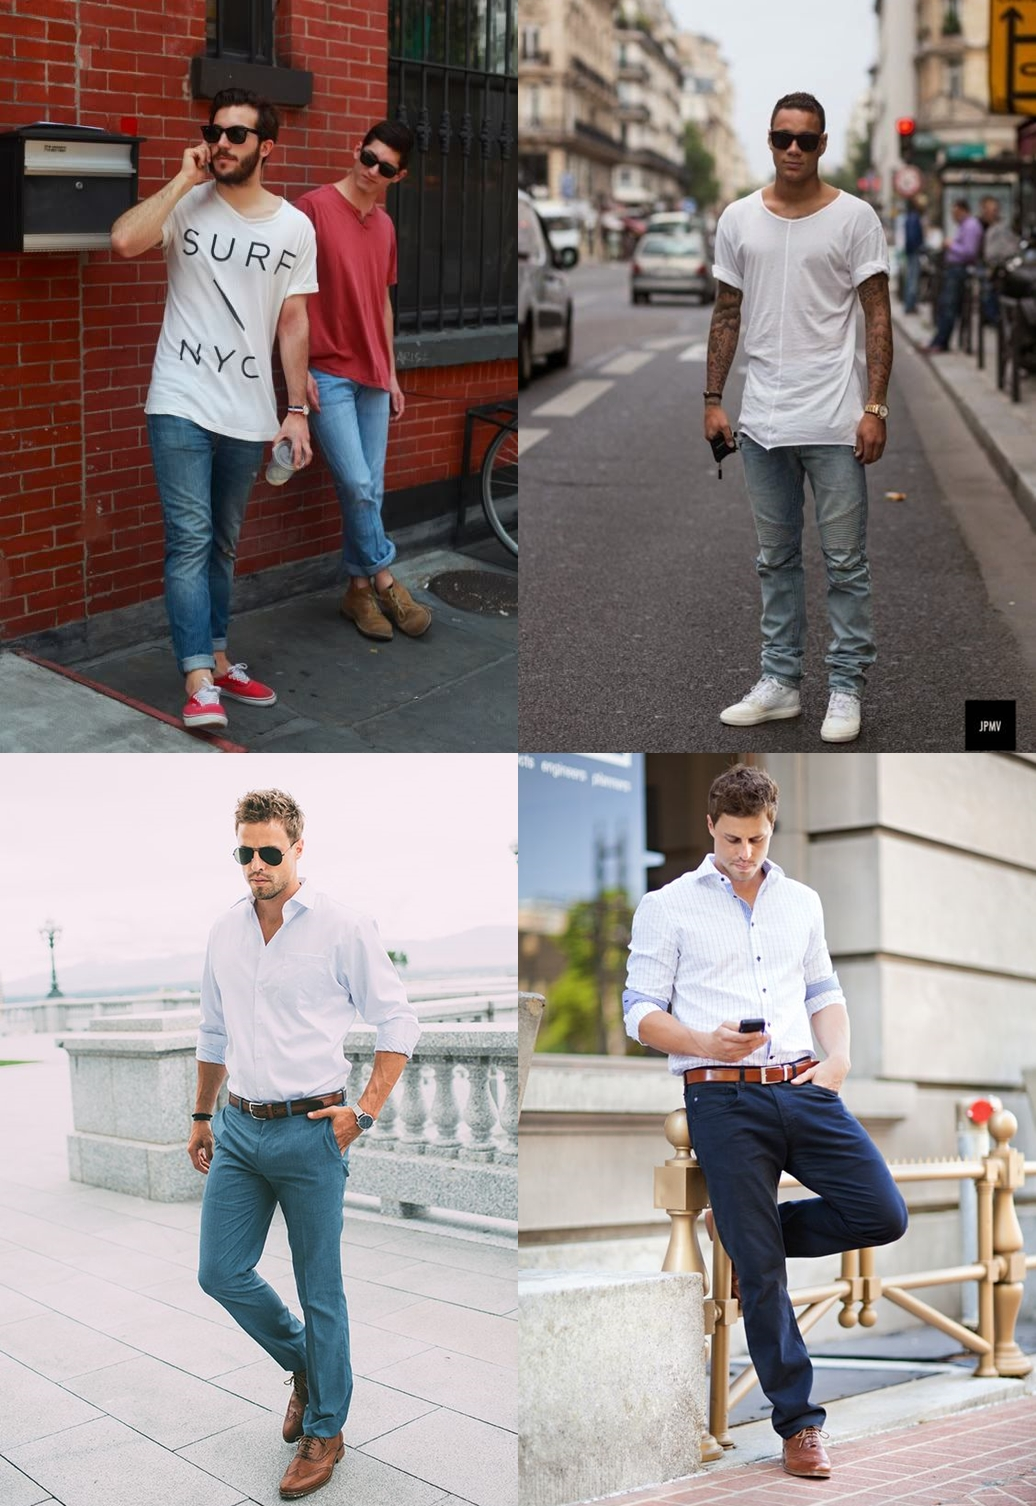 dicas de estilo para homens baixo, homens baxinhos, famosos baixos, dicas de moda, dicas de estilo, moda masculina, alex cursino, fashion tips, blogger, youtuber, digital influencer, 6